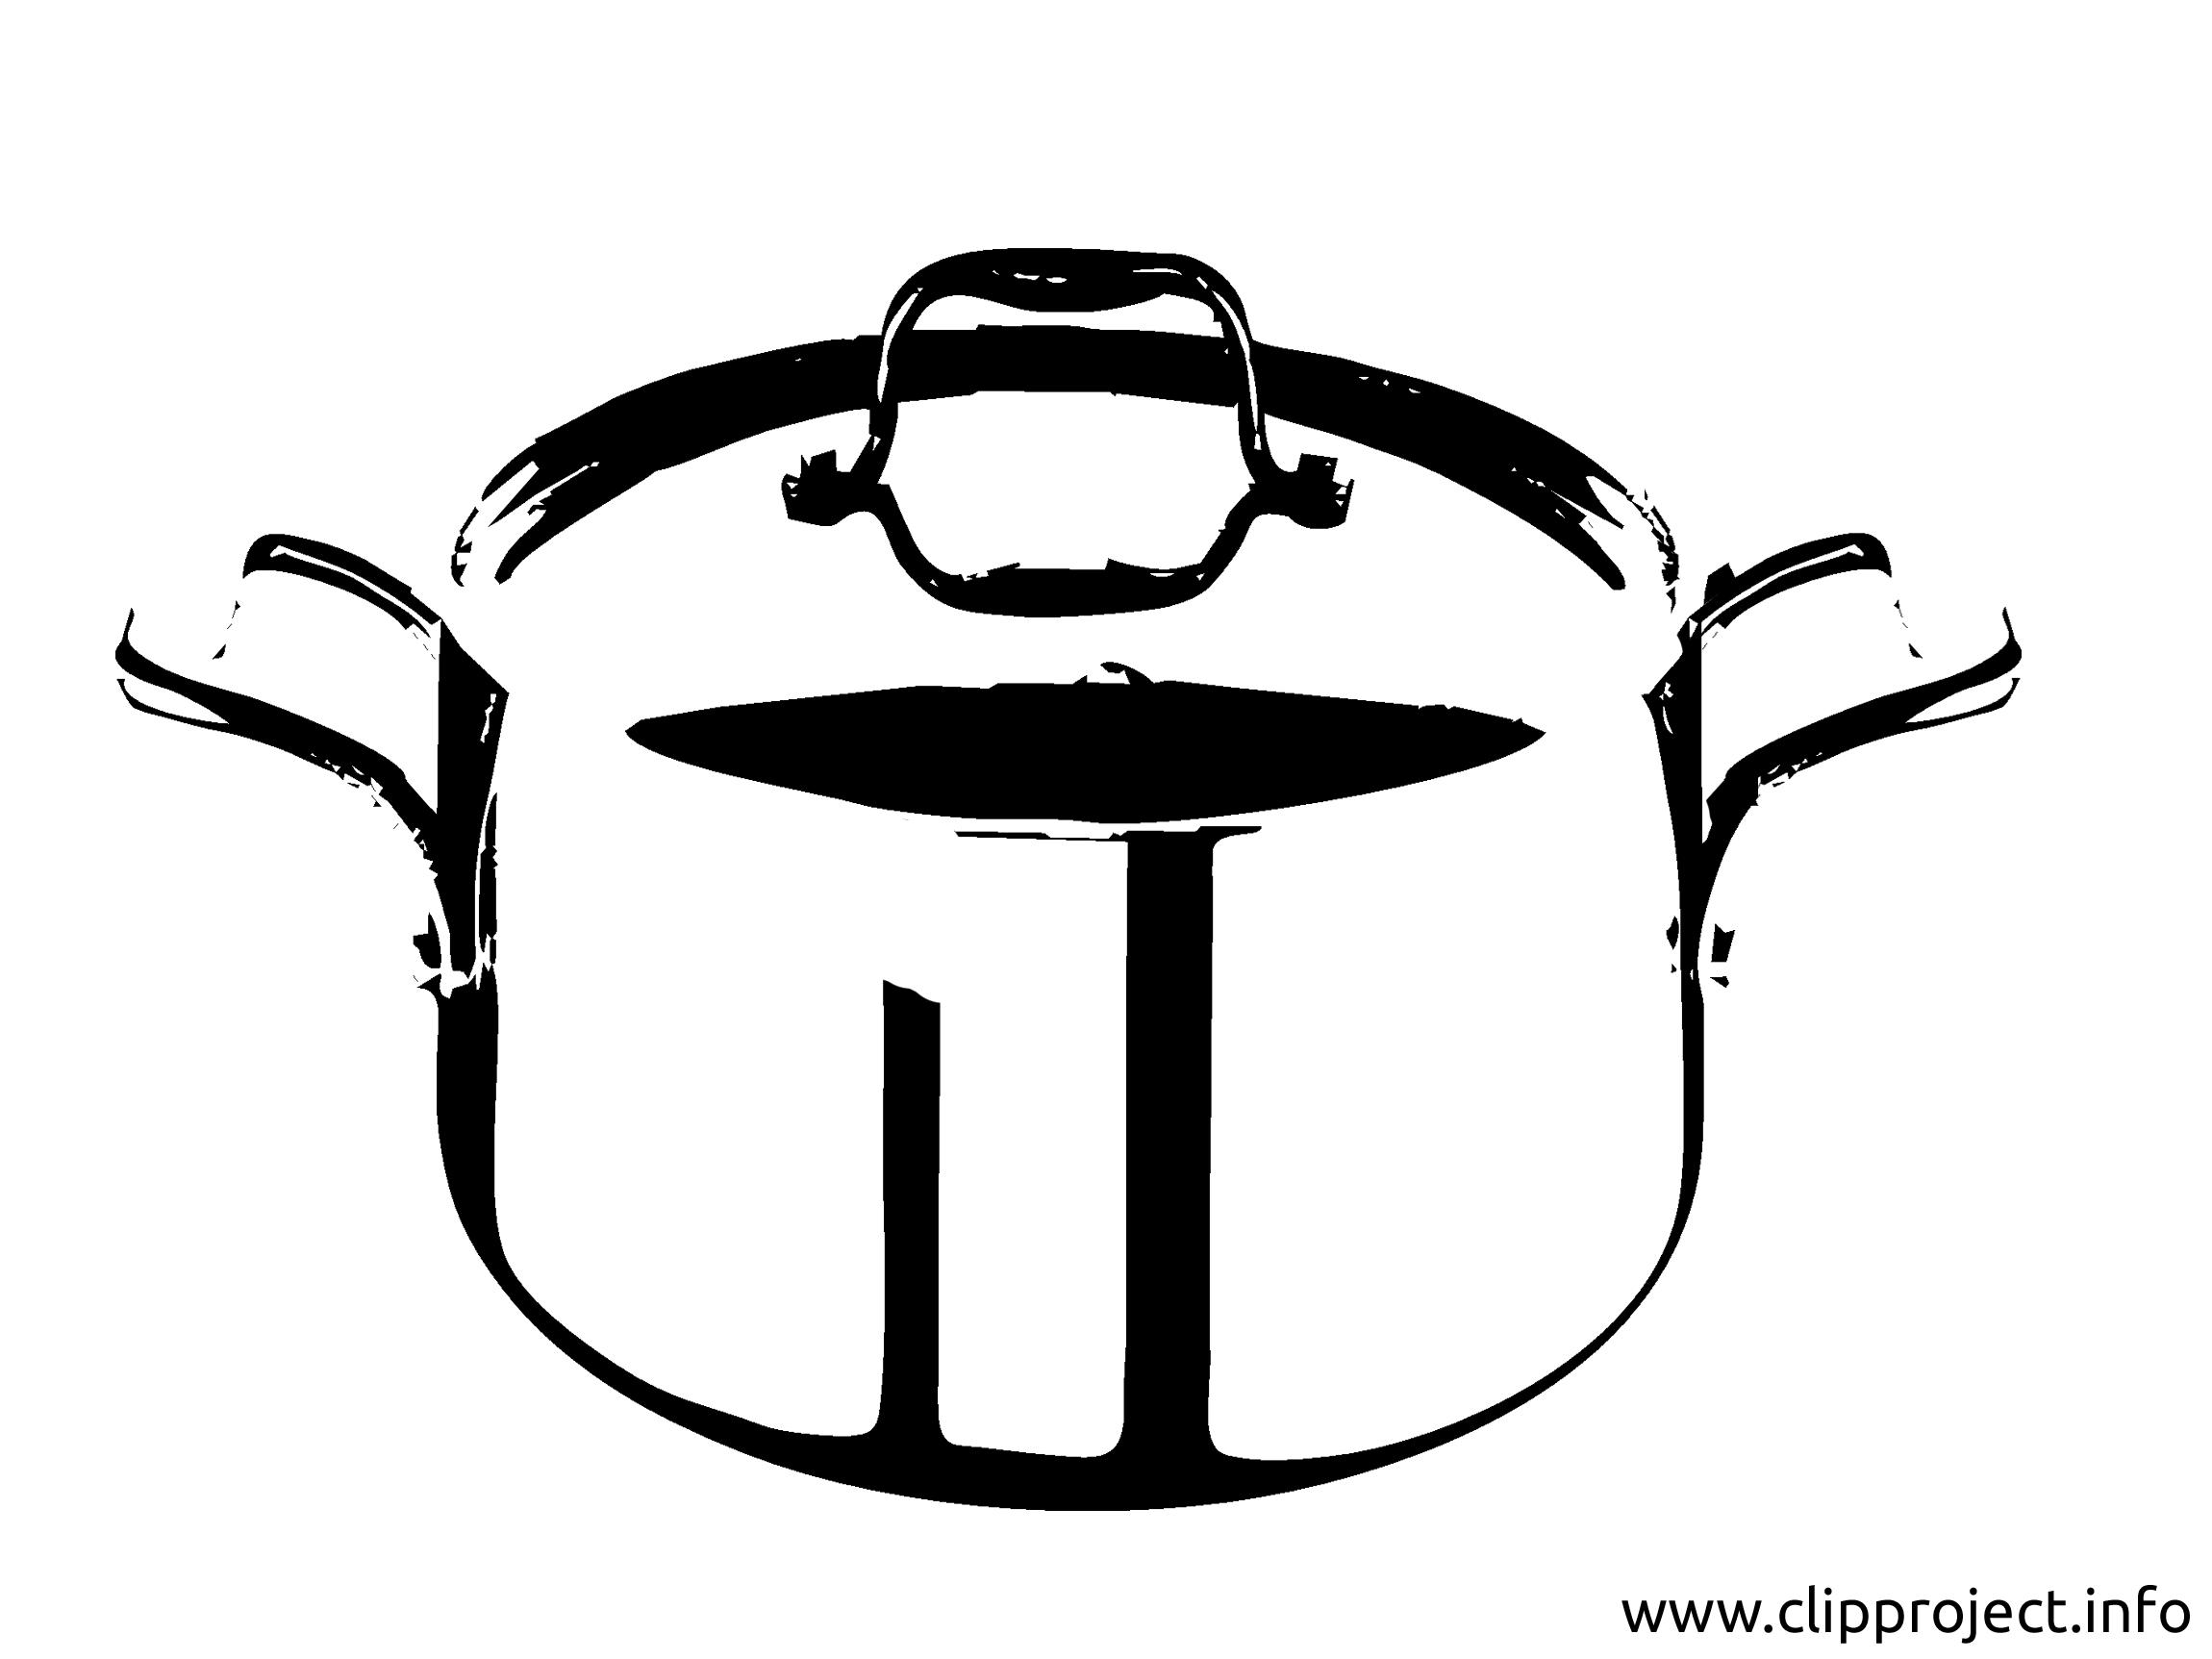 Casserole images - Noir et blanc dessins gratuits